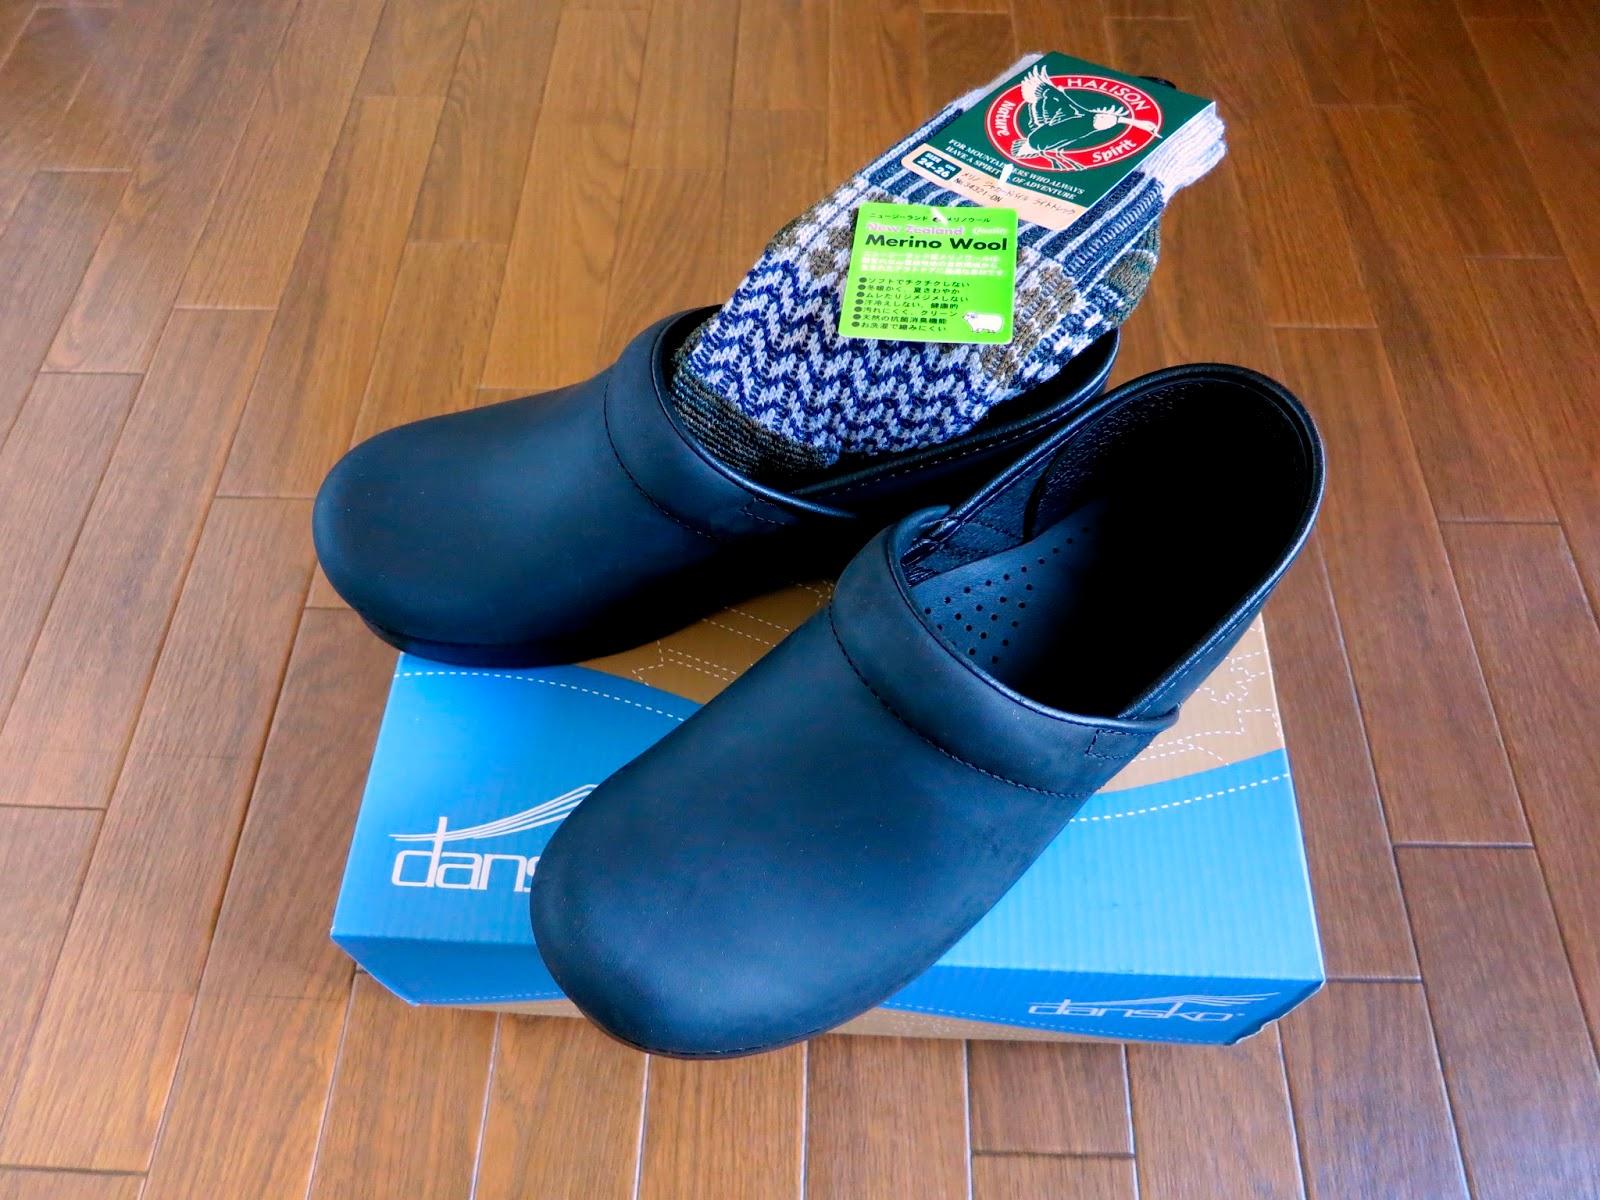 アメリカの靴ブランドで、かつてサボという「つっかけサンダル」風の靴で人気だったブランドのものです。サボは買ったことがありませんが、たまたま最近買った数冊の